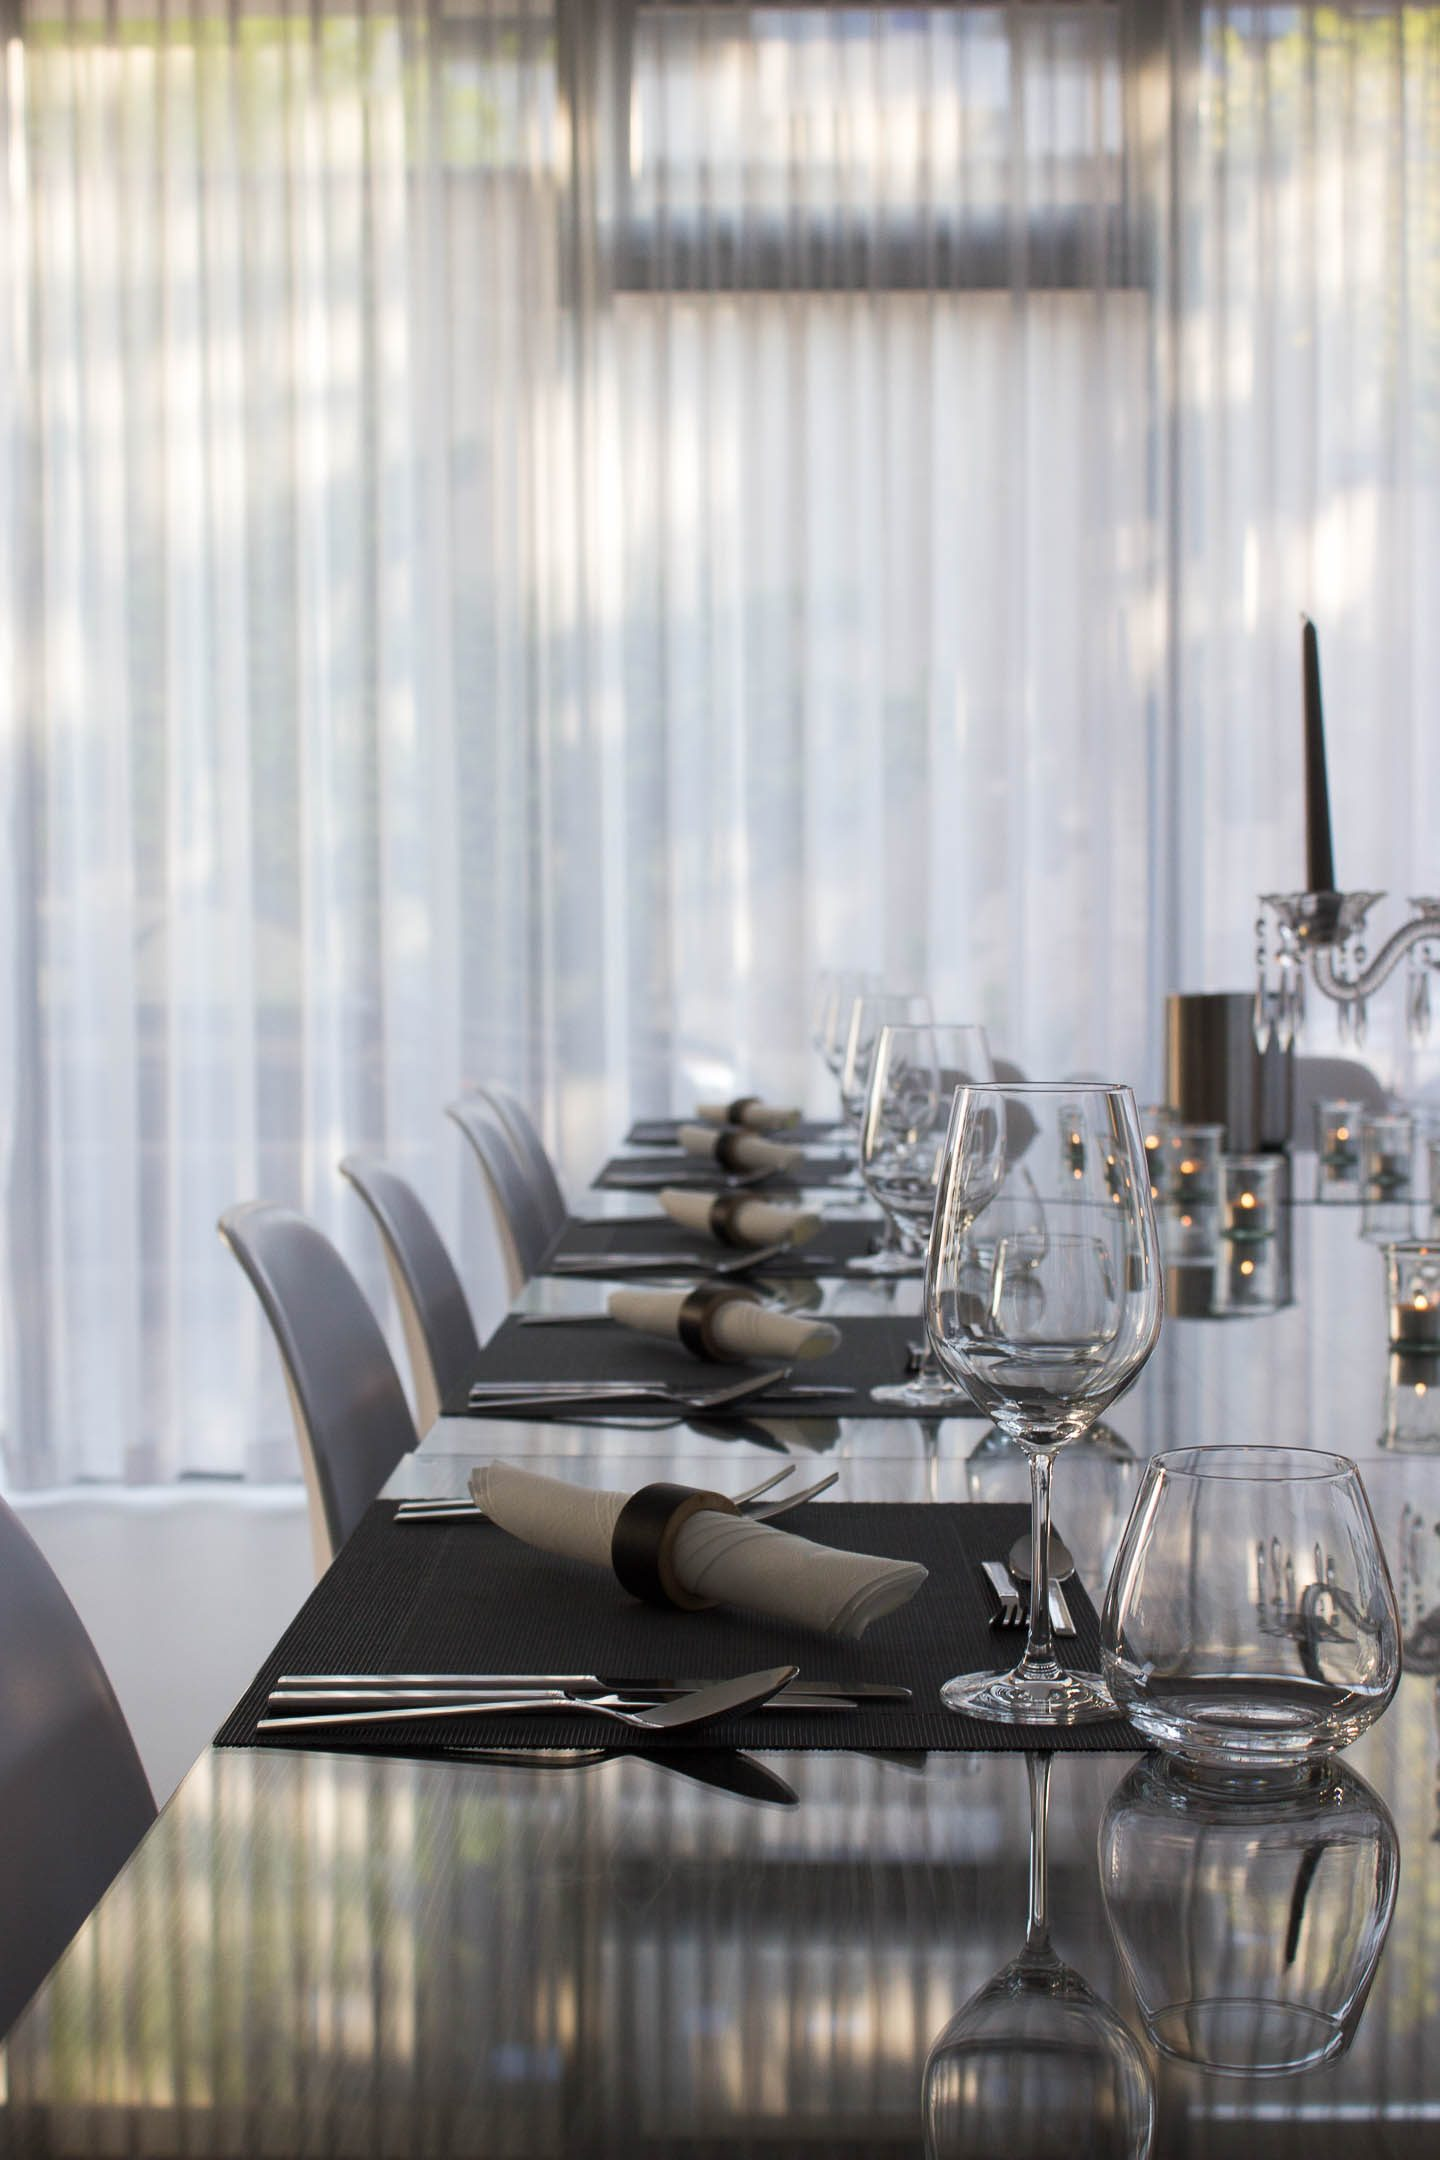 Kochkurs in Köln: Der Gastraum